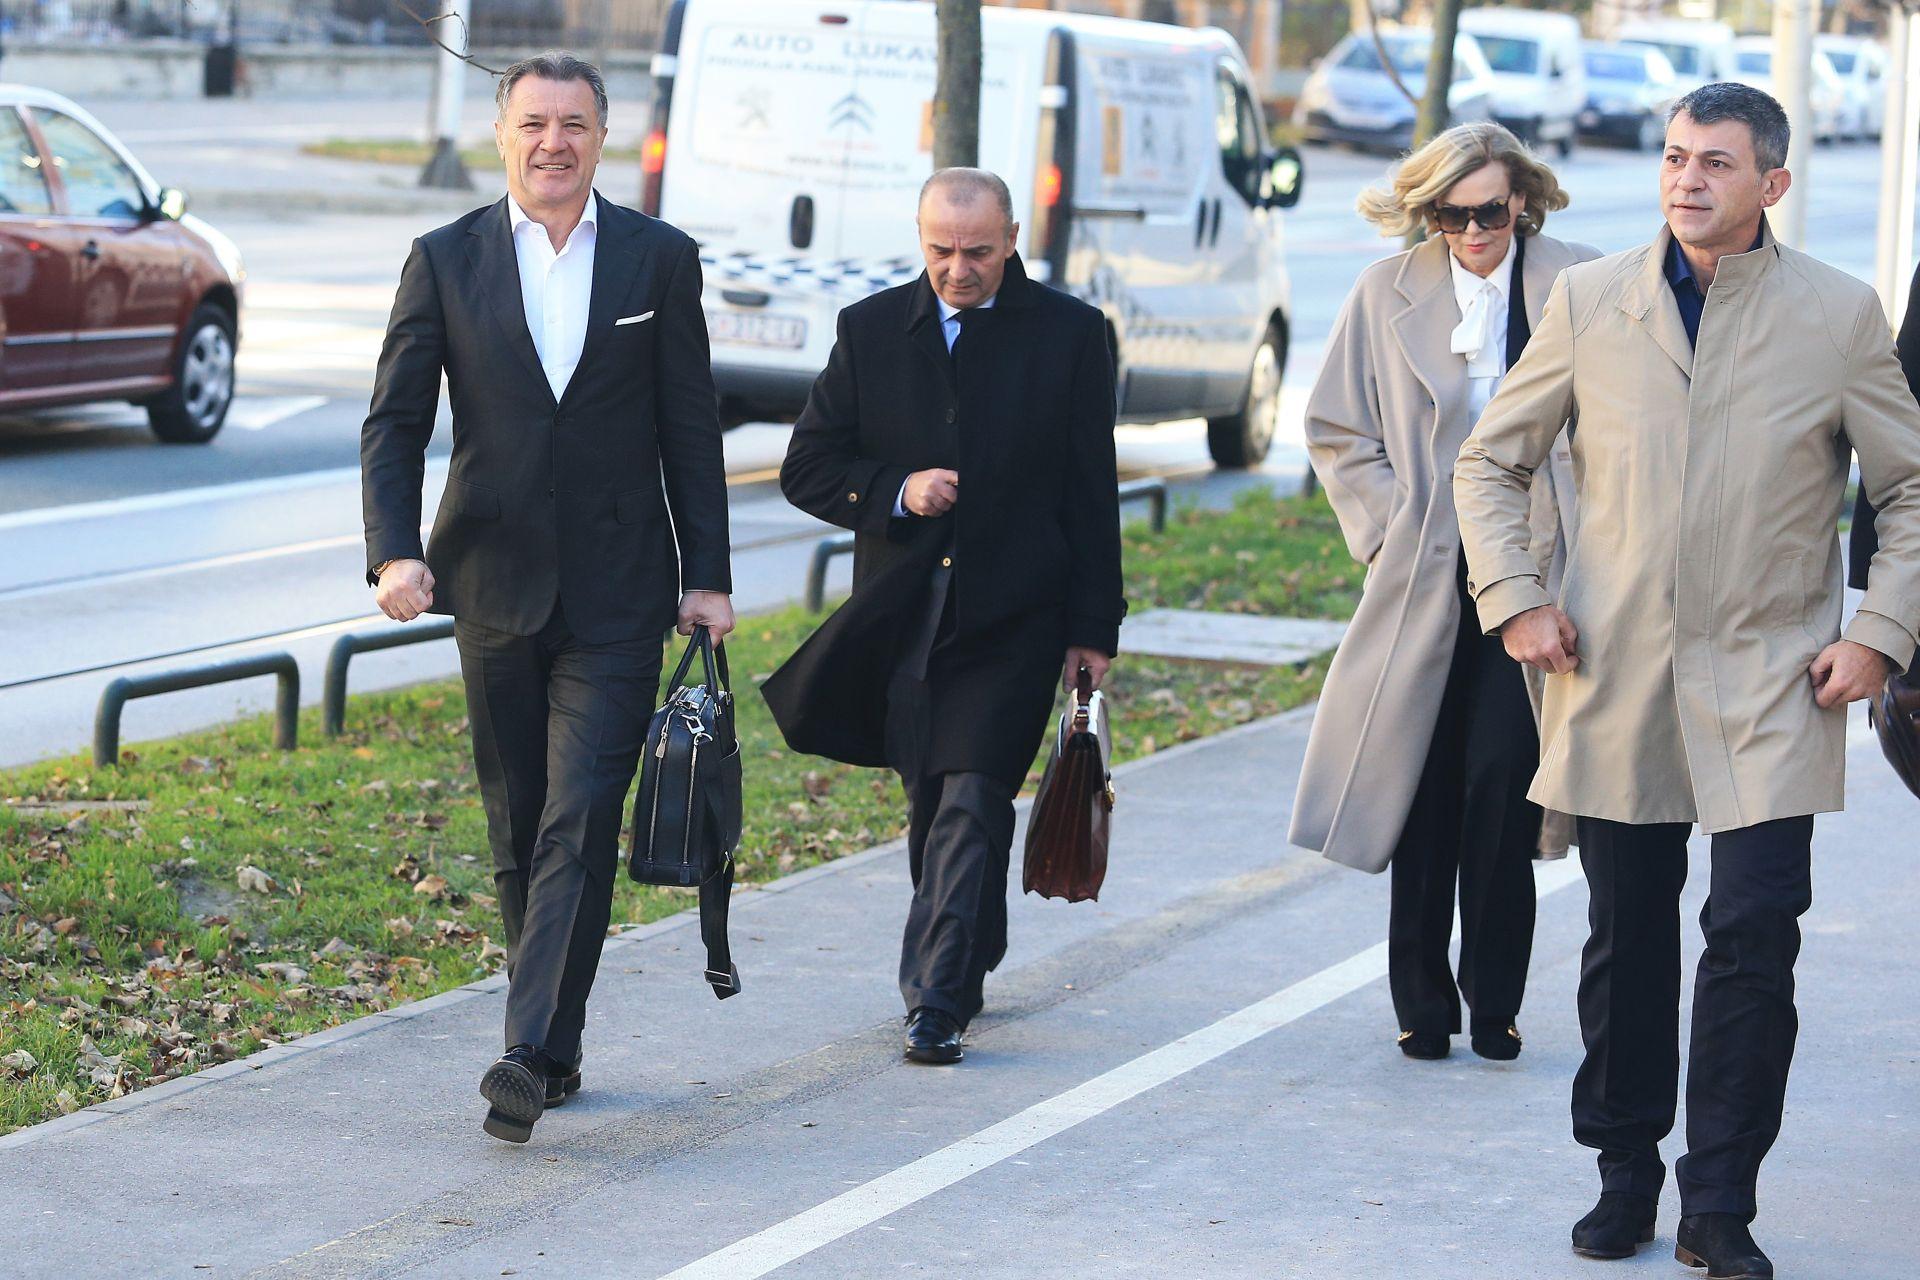 OPTUŽNO VIJEĆE: Potvrđena optužnica protiv Zdravka Mamića i još trojice okrivljenika